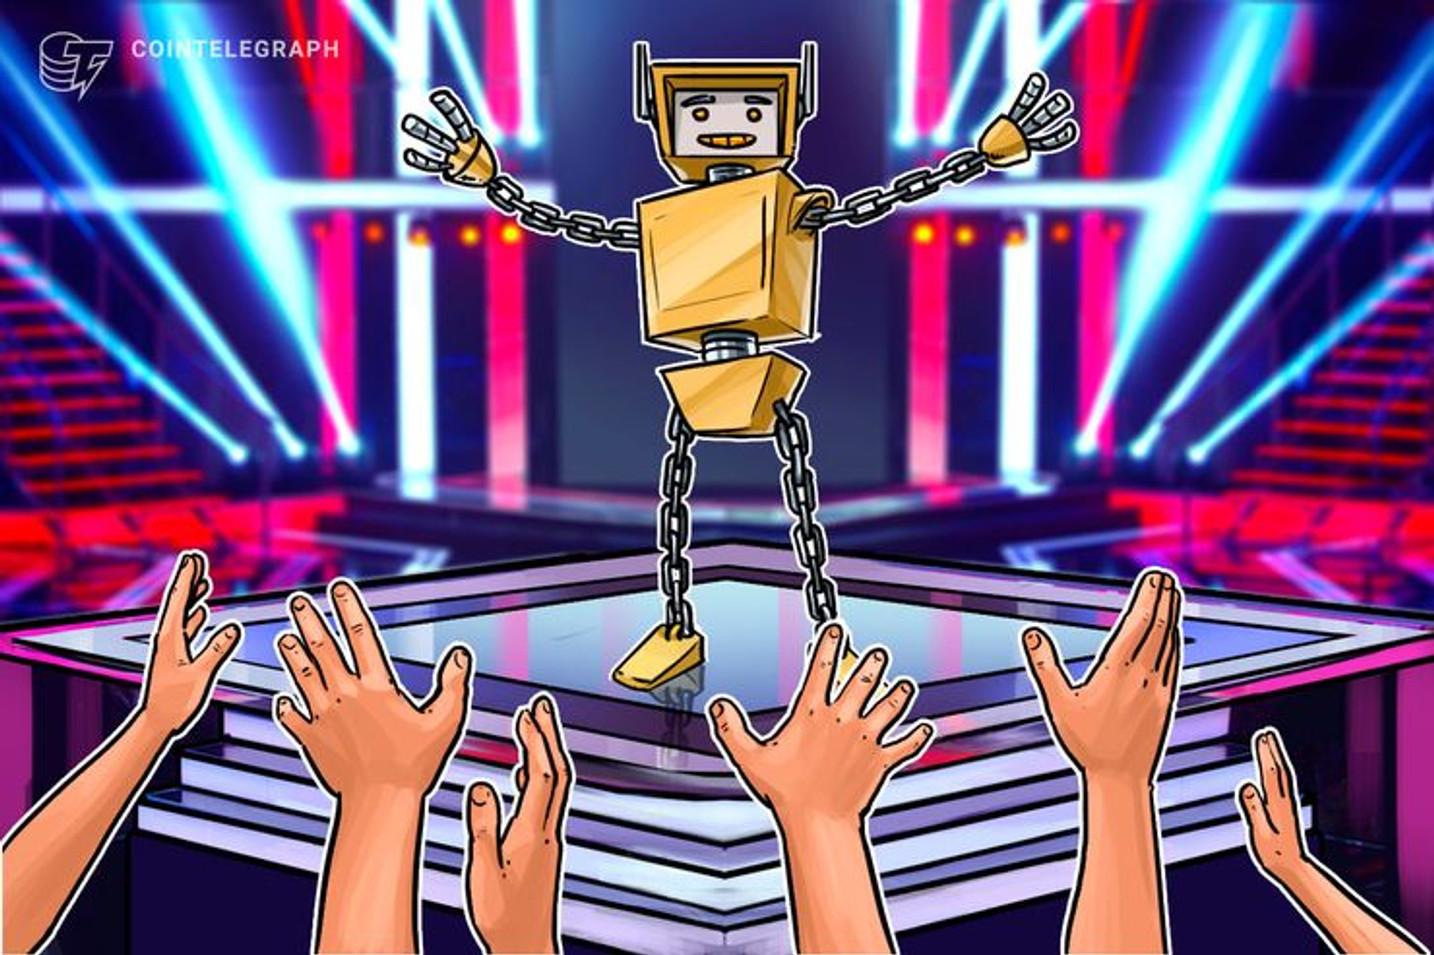 VI Edición del Congreso Internacional Blockchain en Alicante presentará casos de uso con tecnología Blockchain